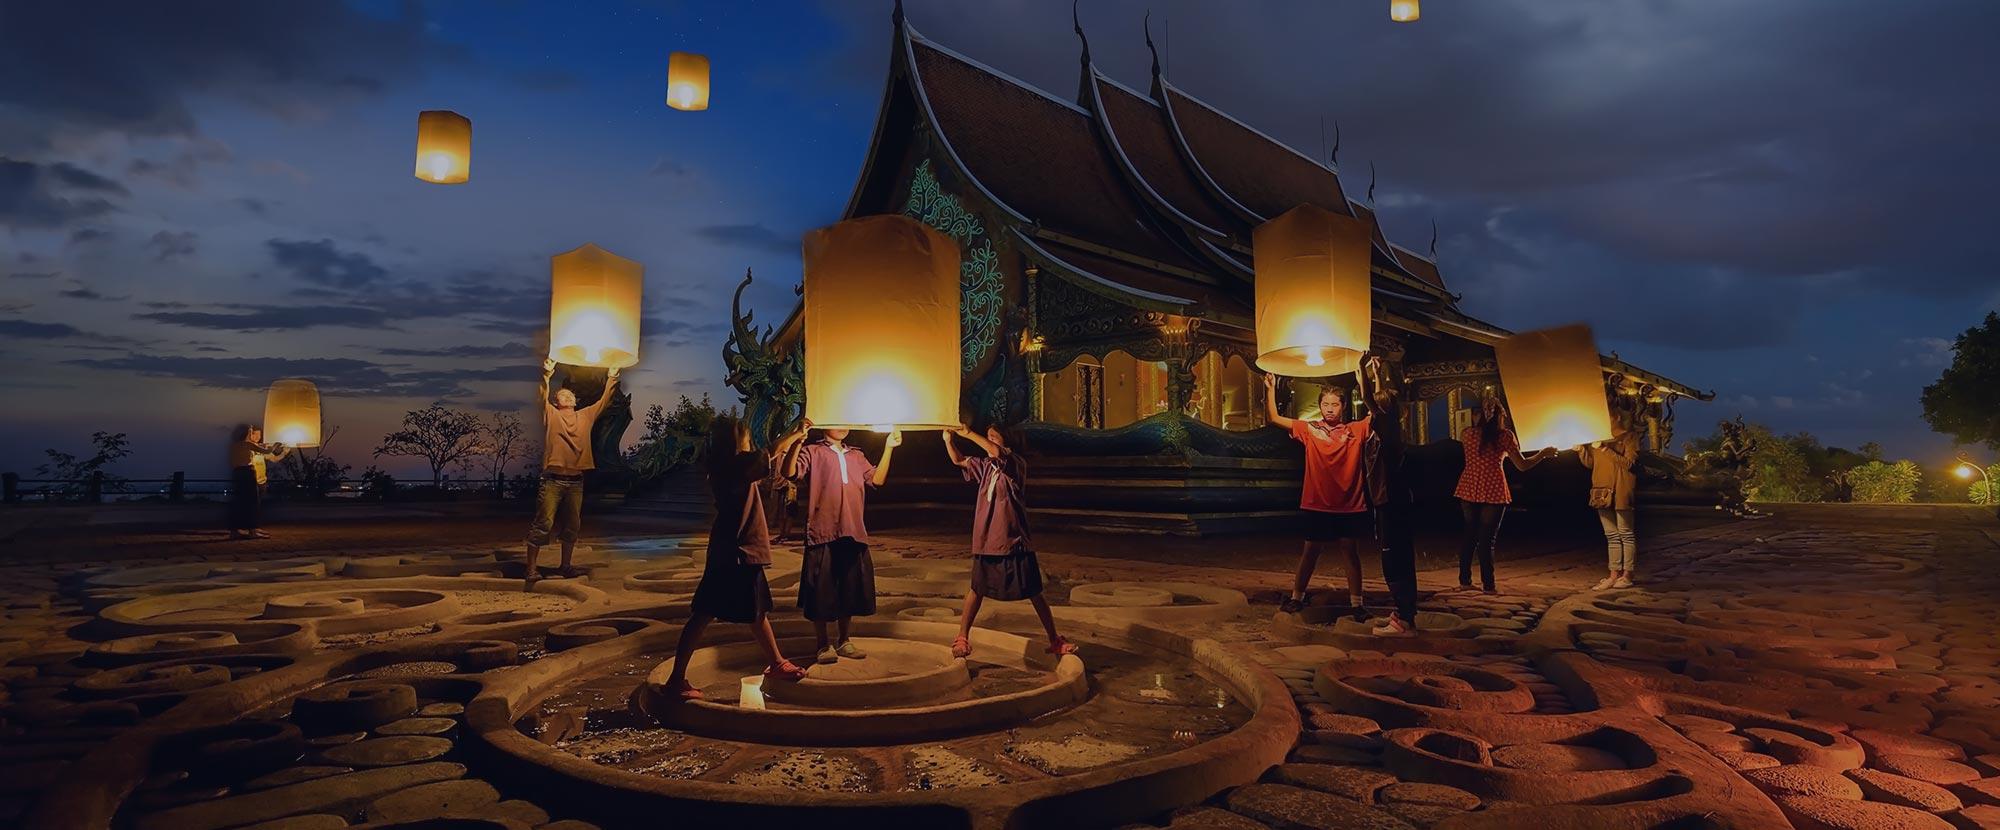 Viajes a Myanmar, Camboya y Laos